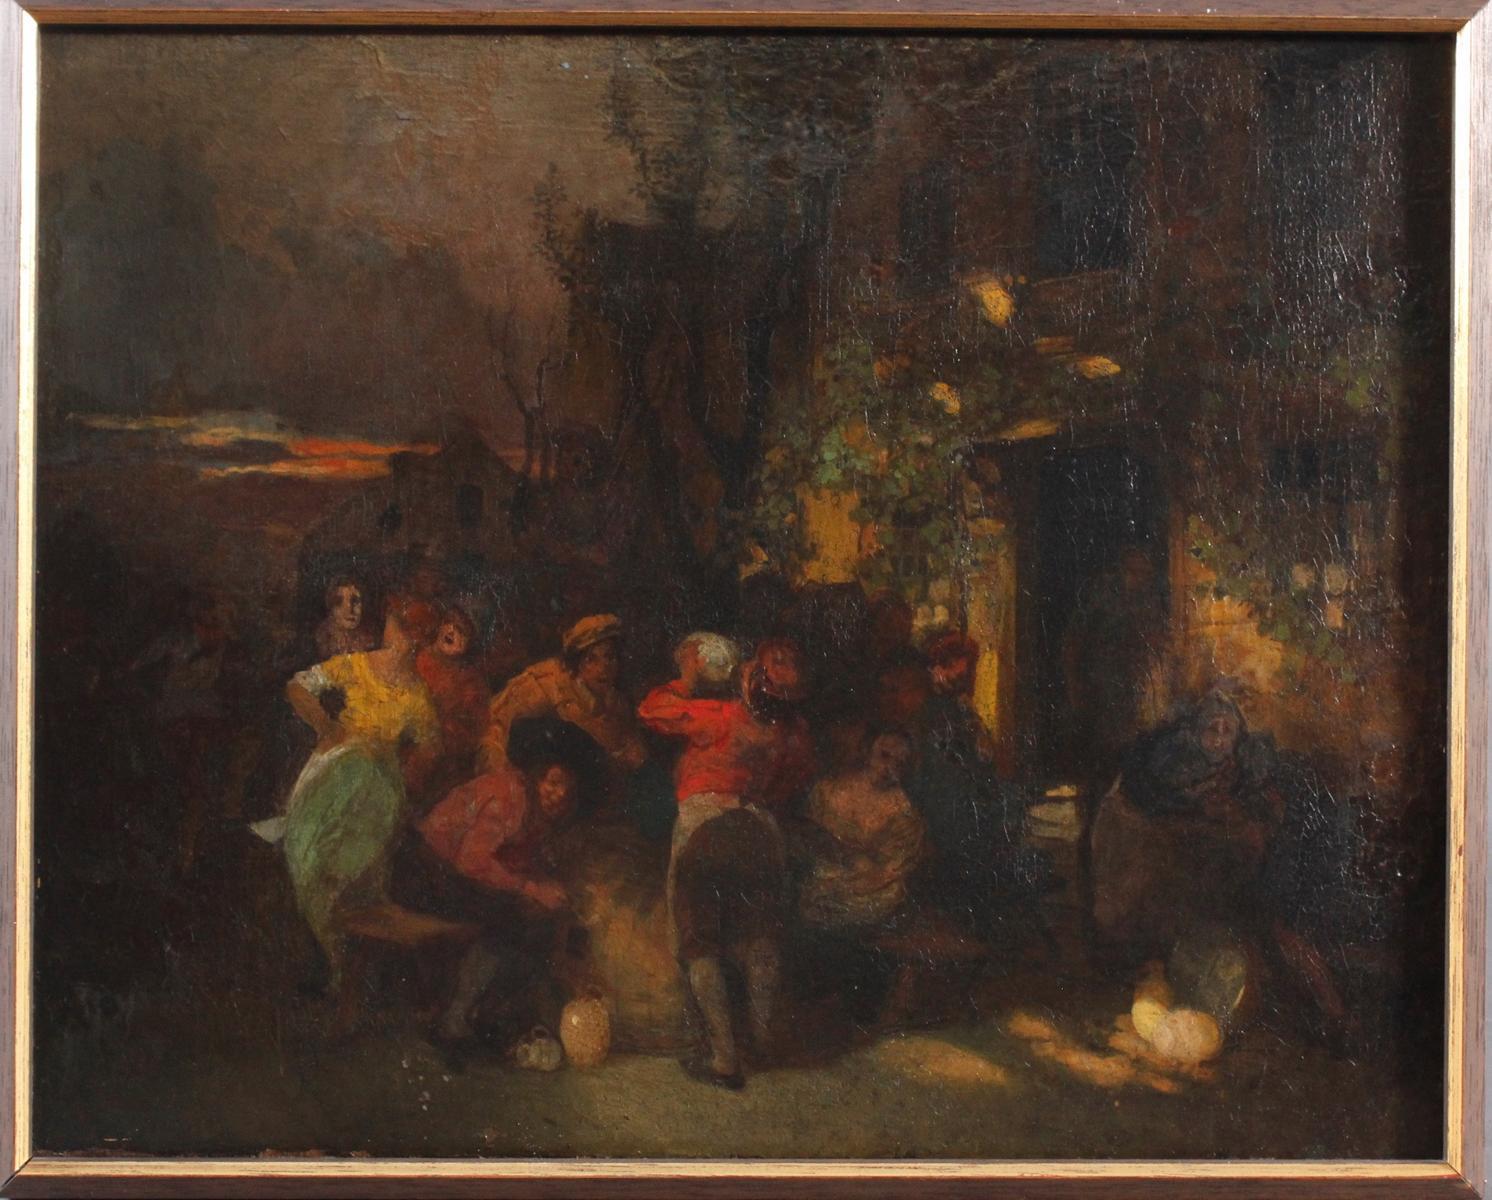 Unbekannter Künstler aus dem 18. Jh., Trinkgelage